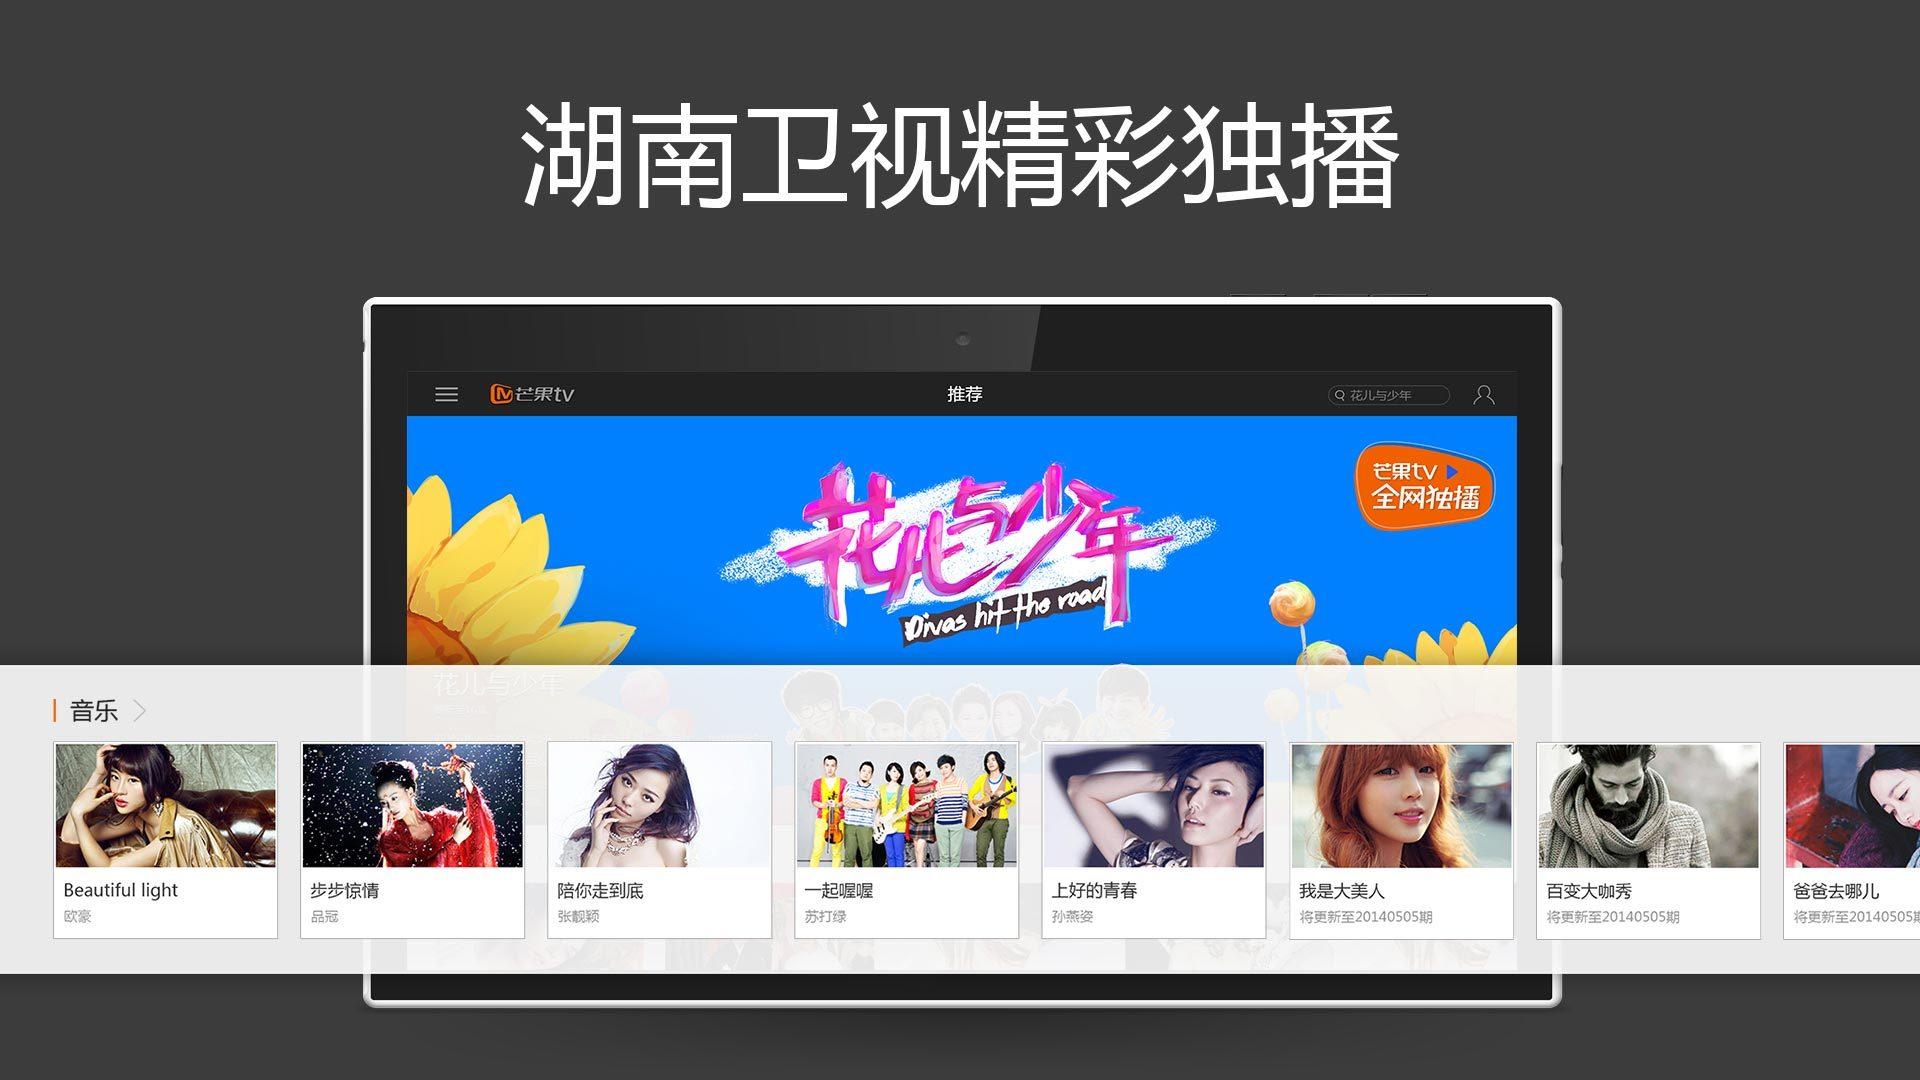 【芒果TV HD】_芒果TV HD手机游戏安卓电脑